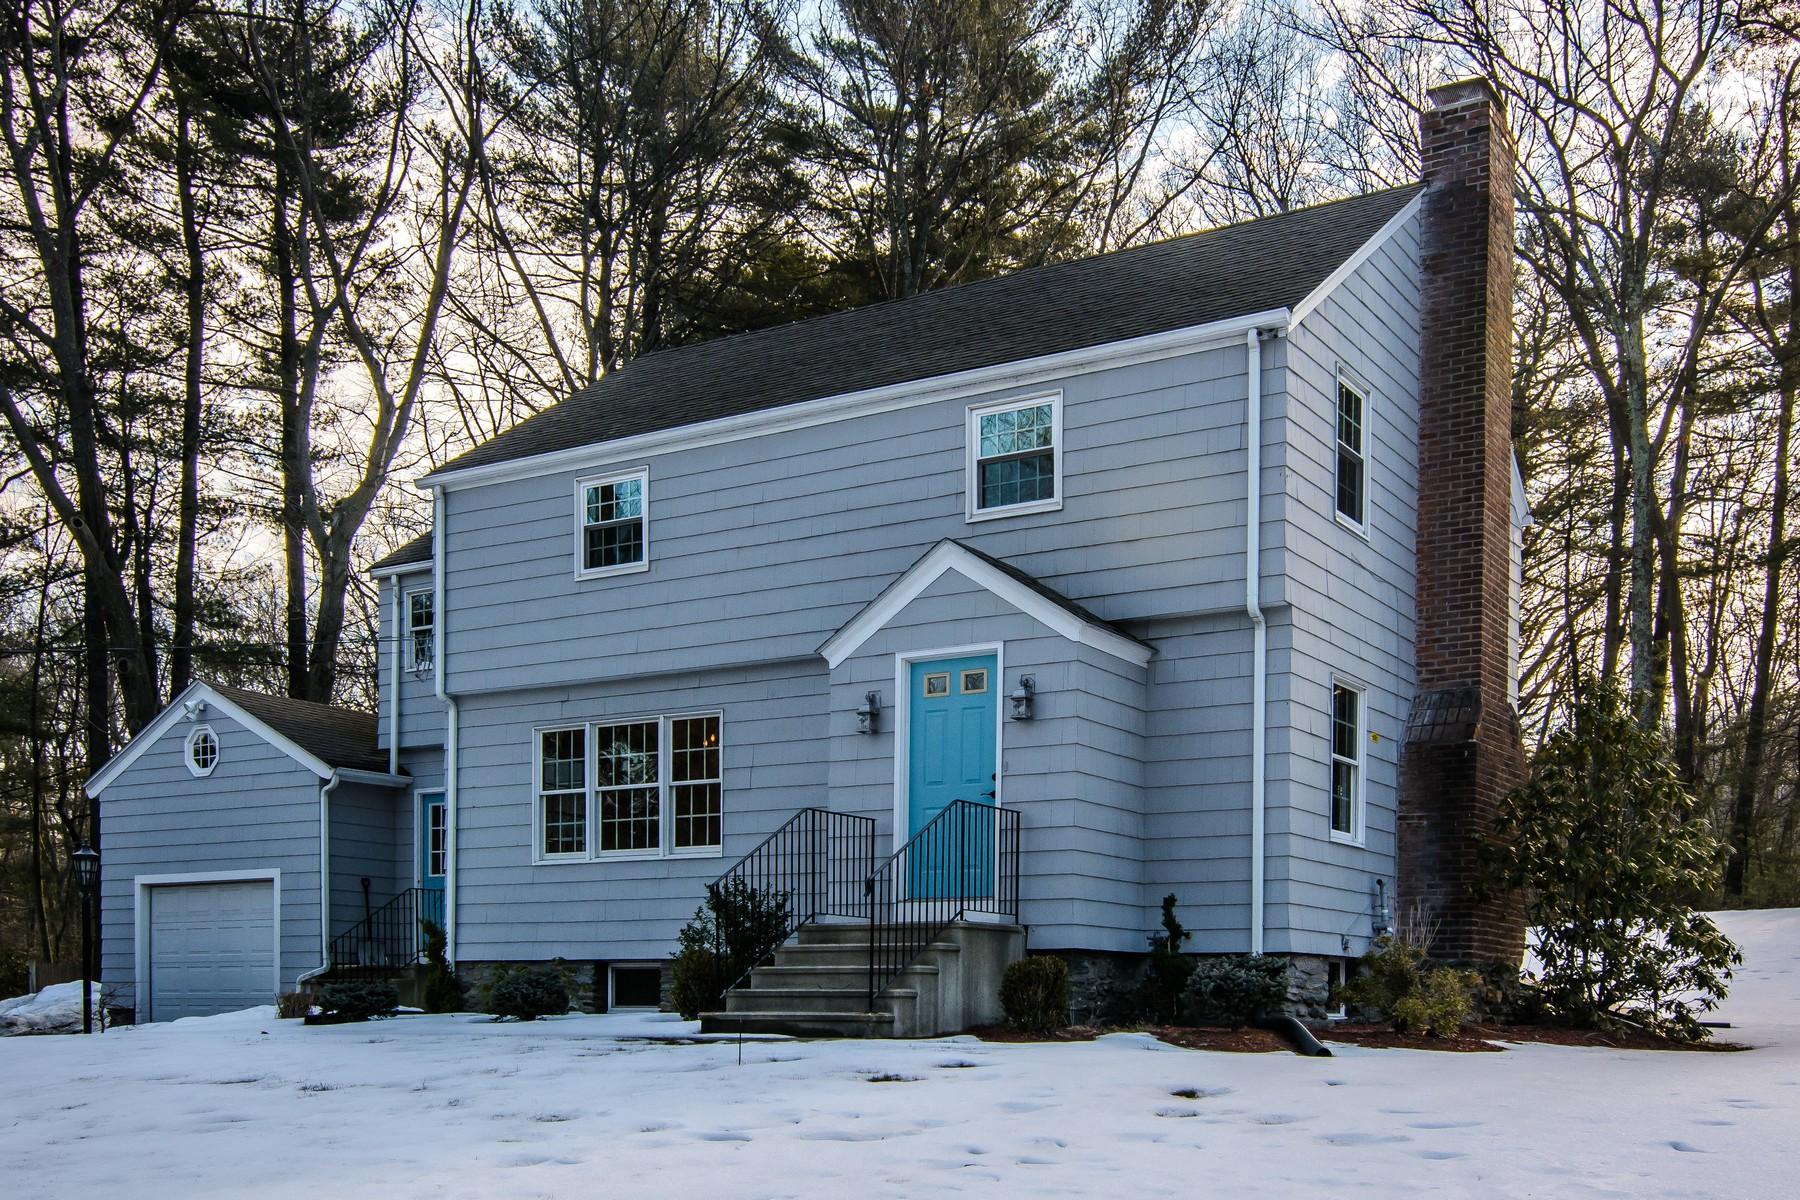 Casa Unifamiliar por un Venta en Pristine and Move In Ready Colonial 37 Deernolm Street Grafton, Massachusetts, 01536 Estados Unidos